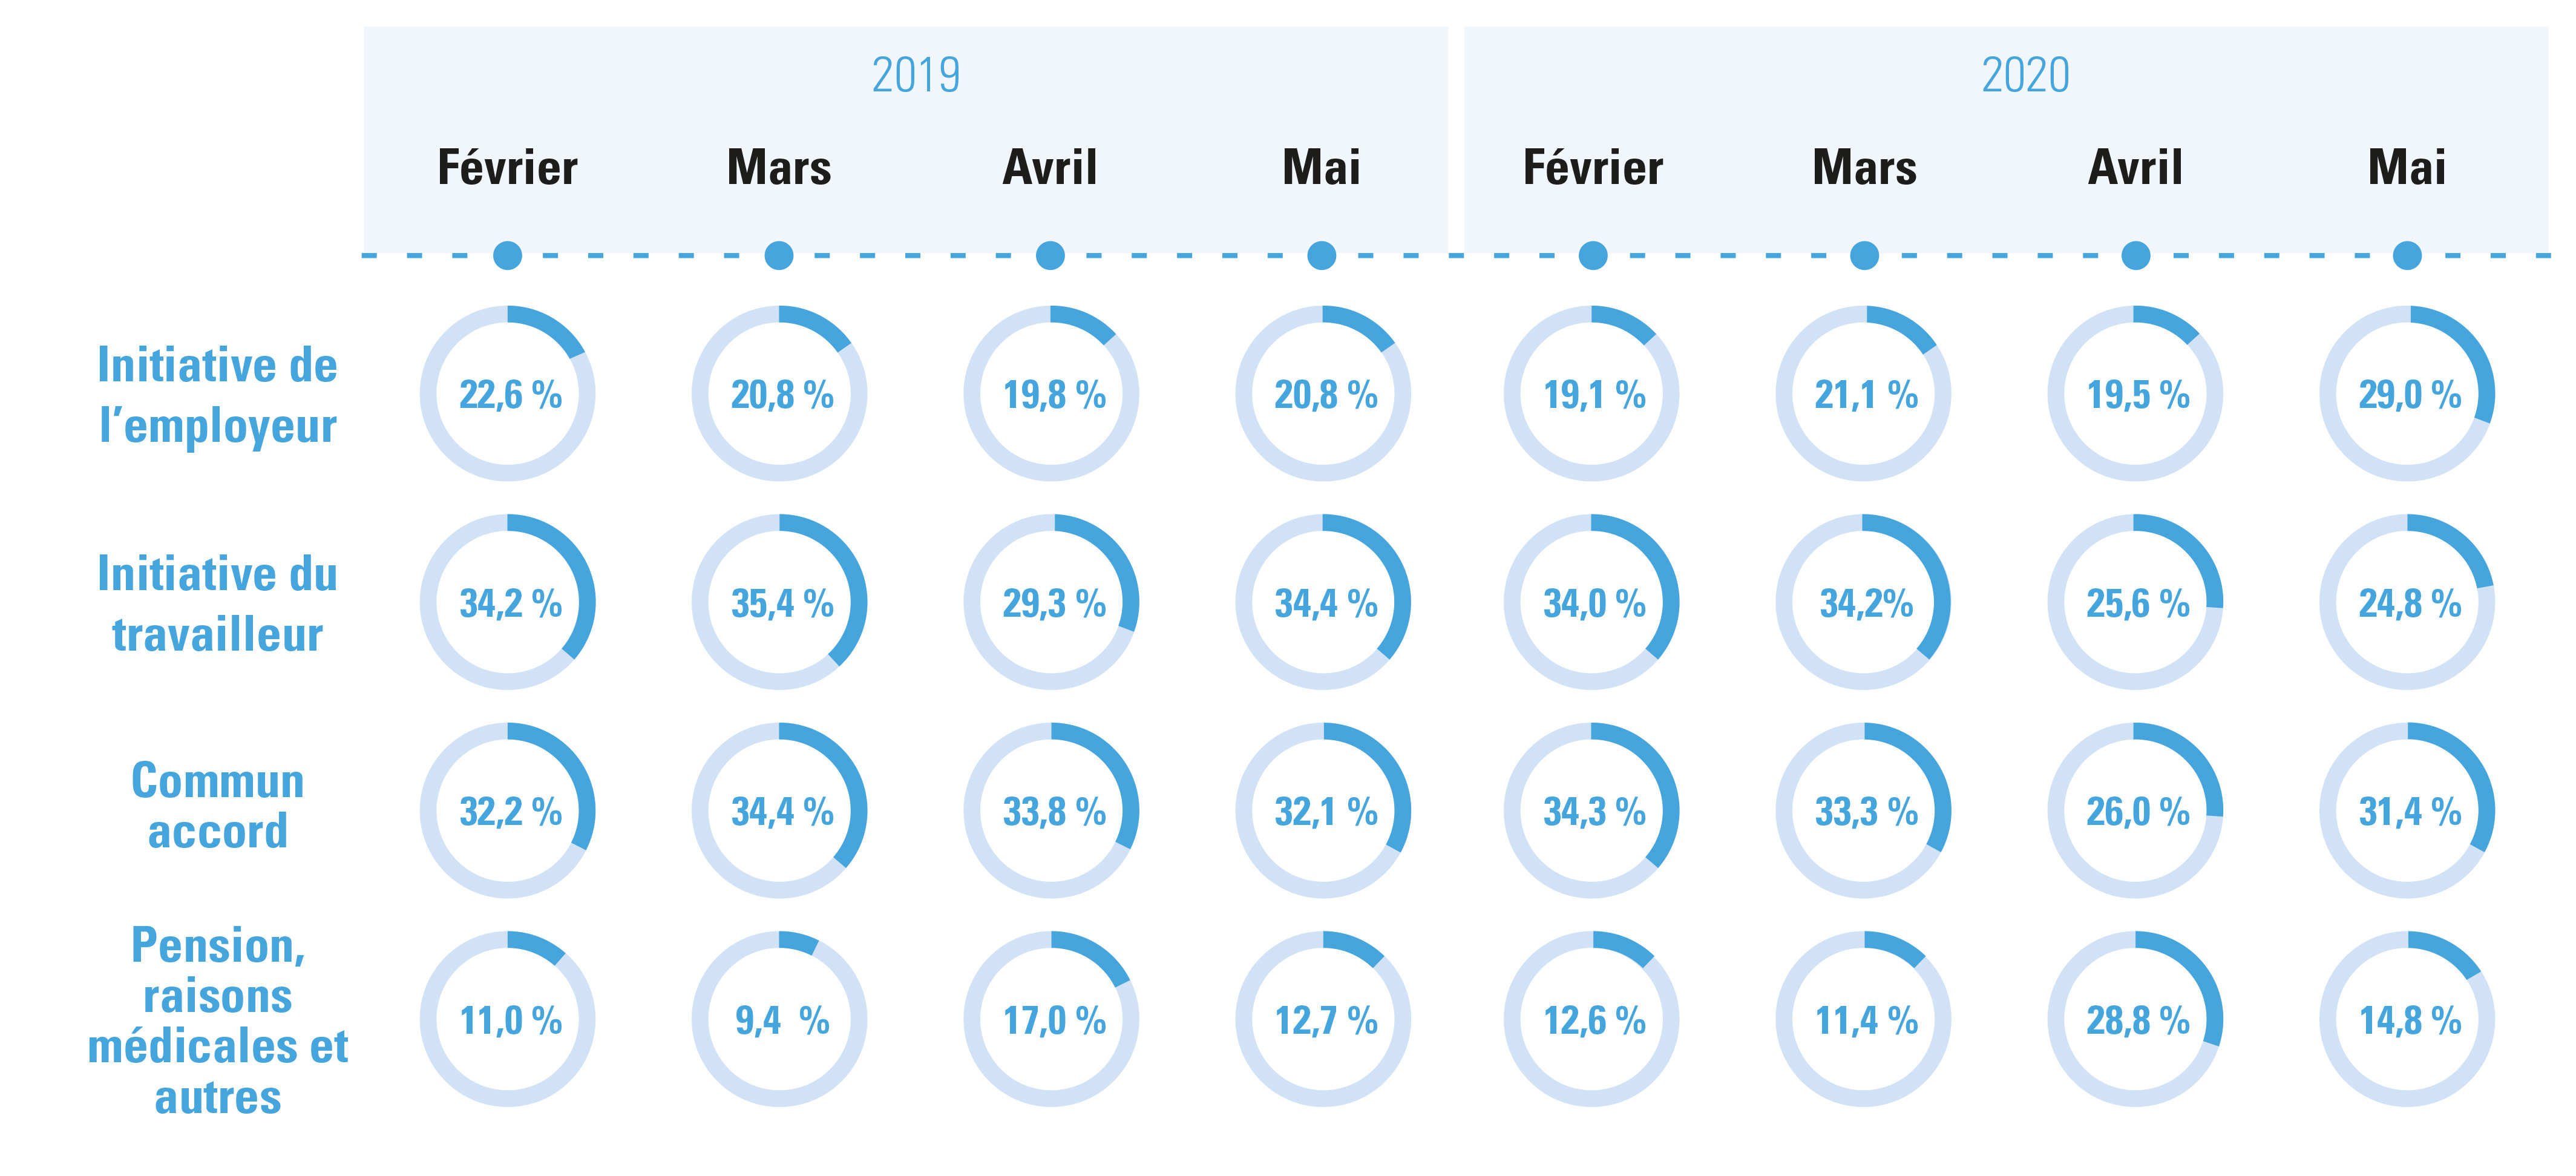 Figure 2 : Initiative rupture contrats à durée indéterminée, fév/mars/avril/mai 2020 vs. 2019